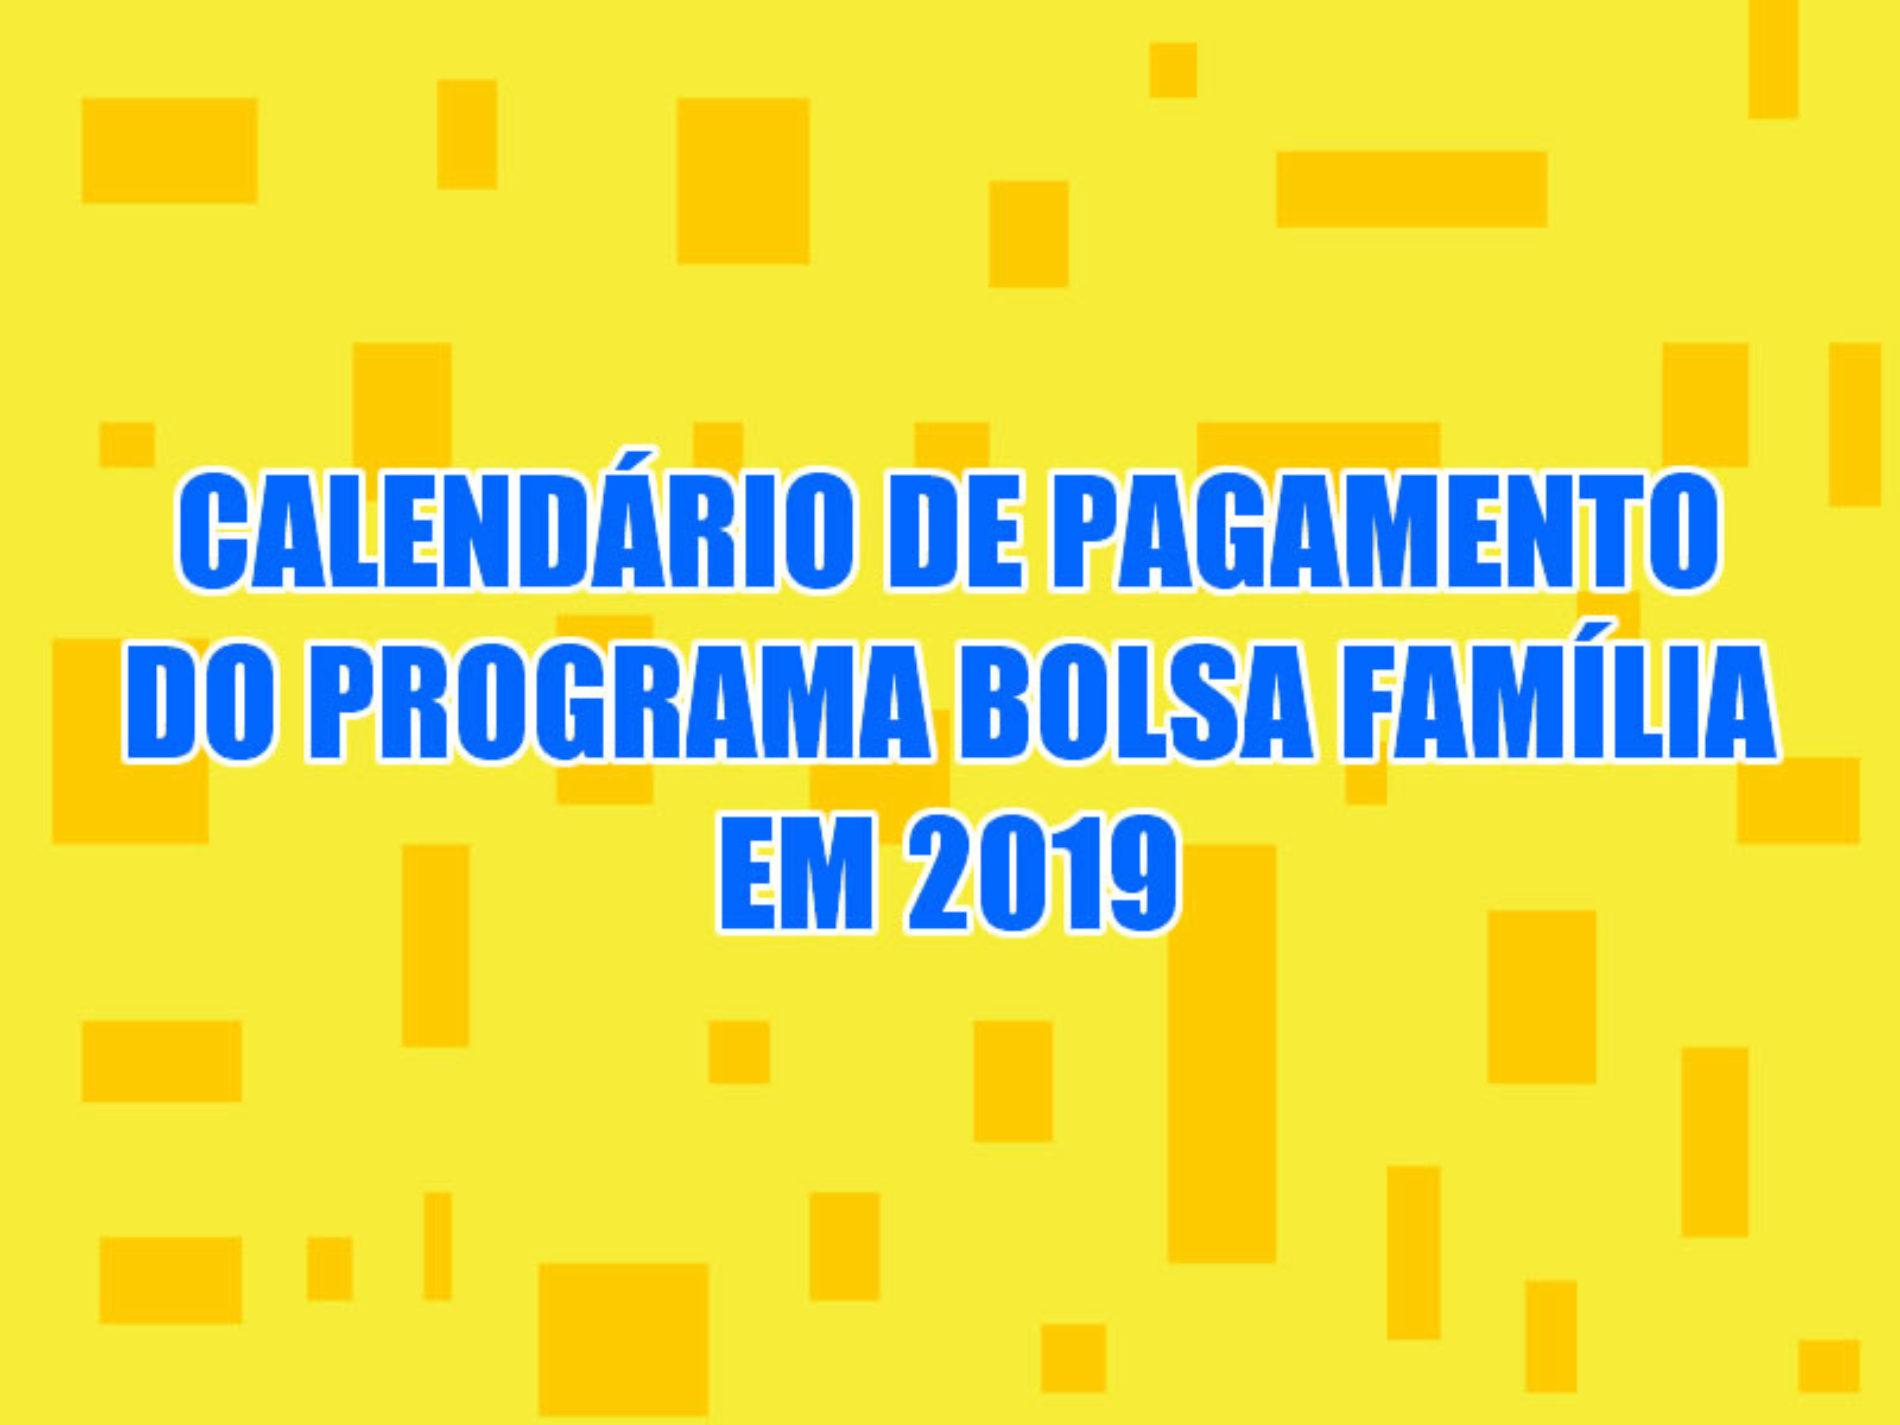 Programa Bolsa Família 2019 – Calendário de pagamento OFICIAL